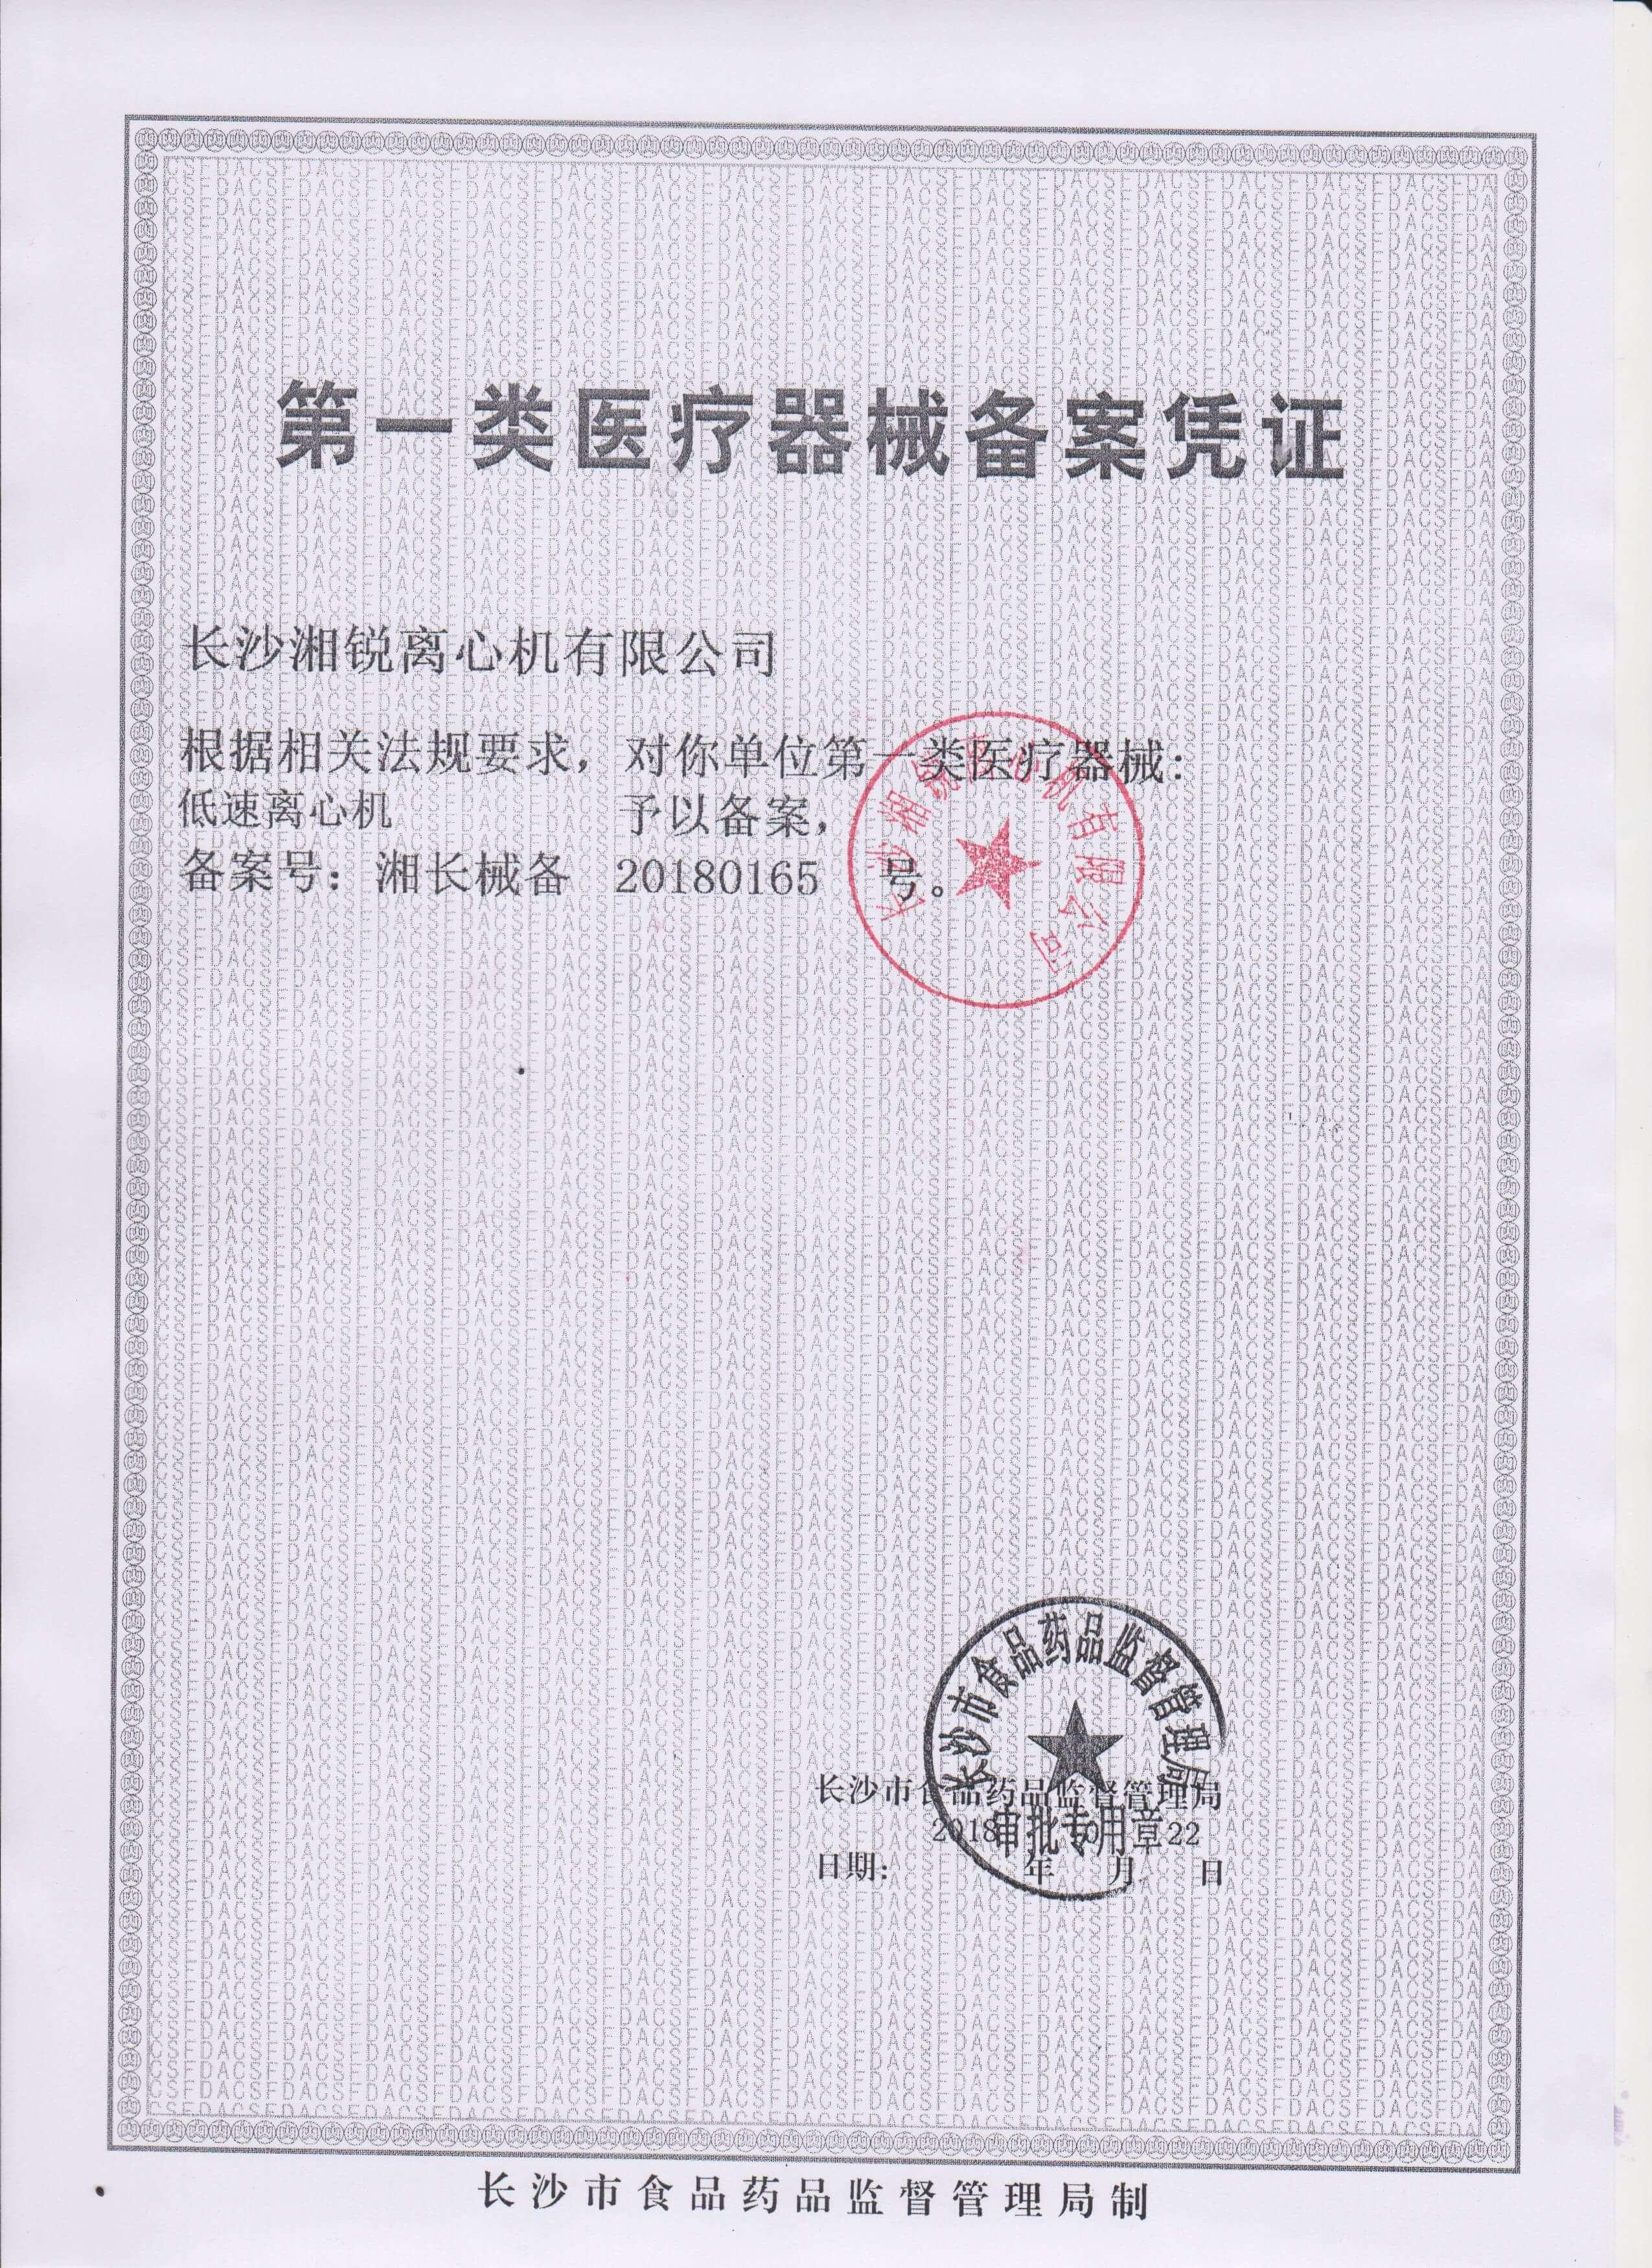 一類醫療器(qi)械dang)赴鈣局(ju)? 退 0180165